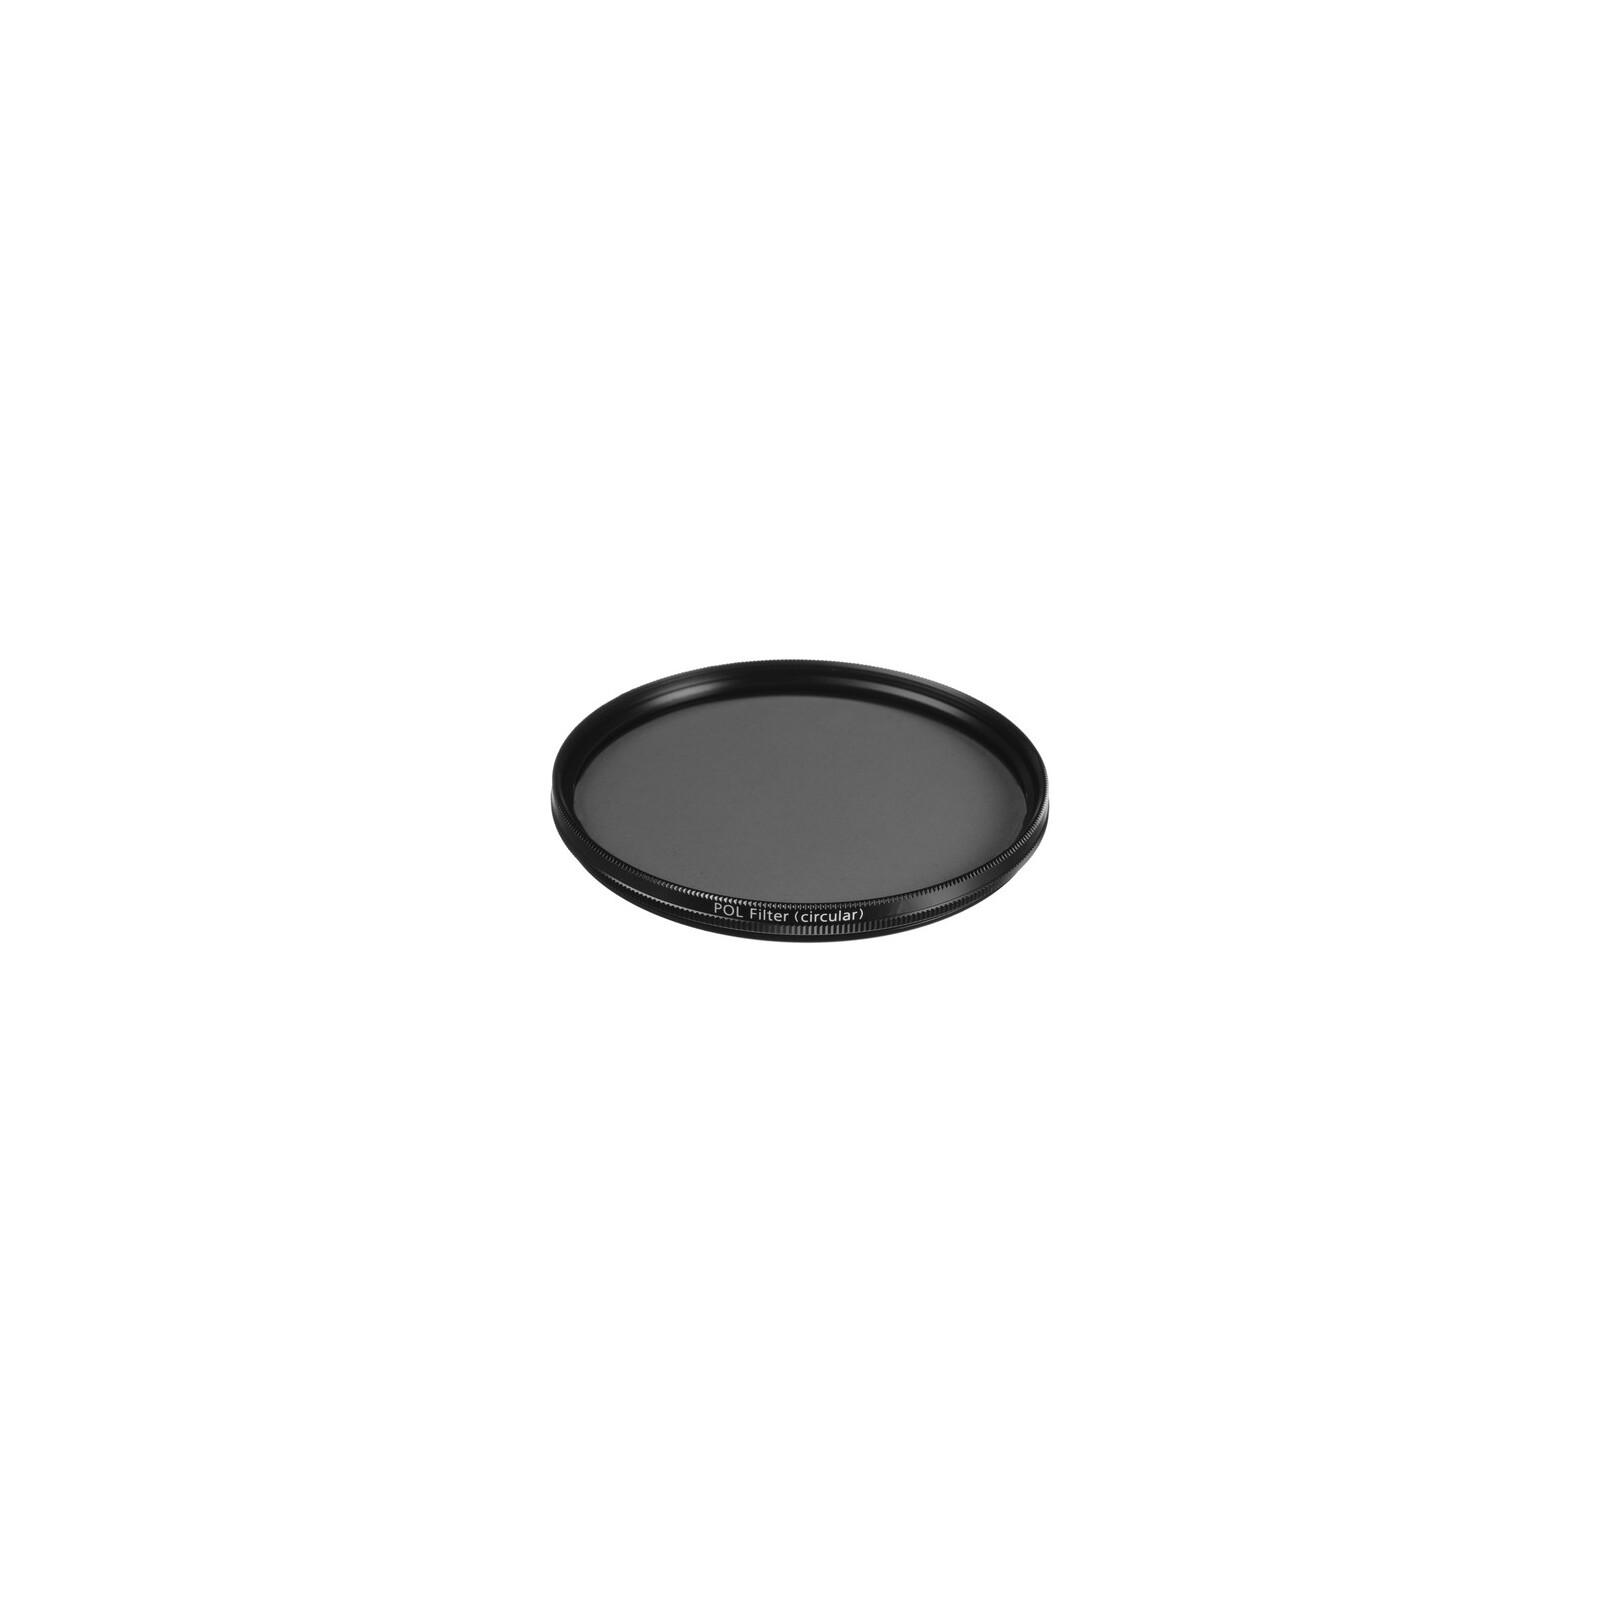 Zeiss T* POL Filter 77mm